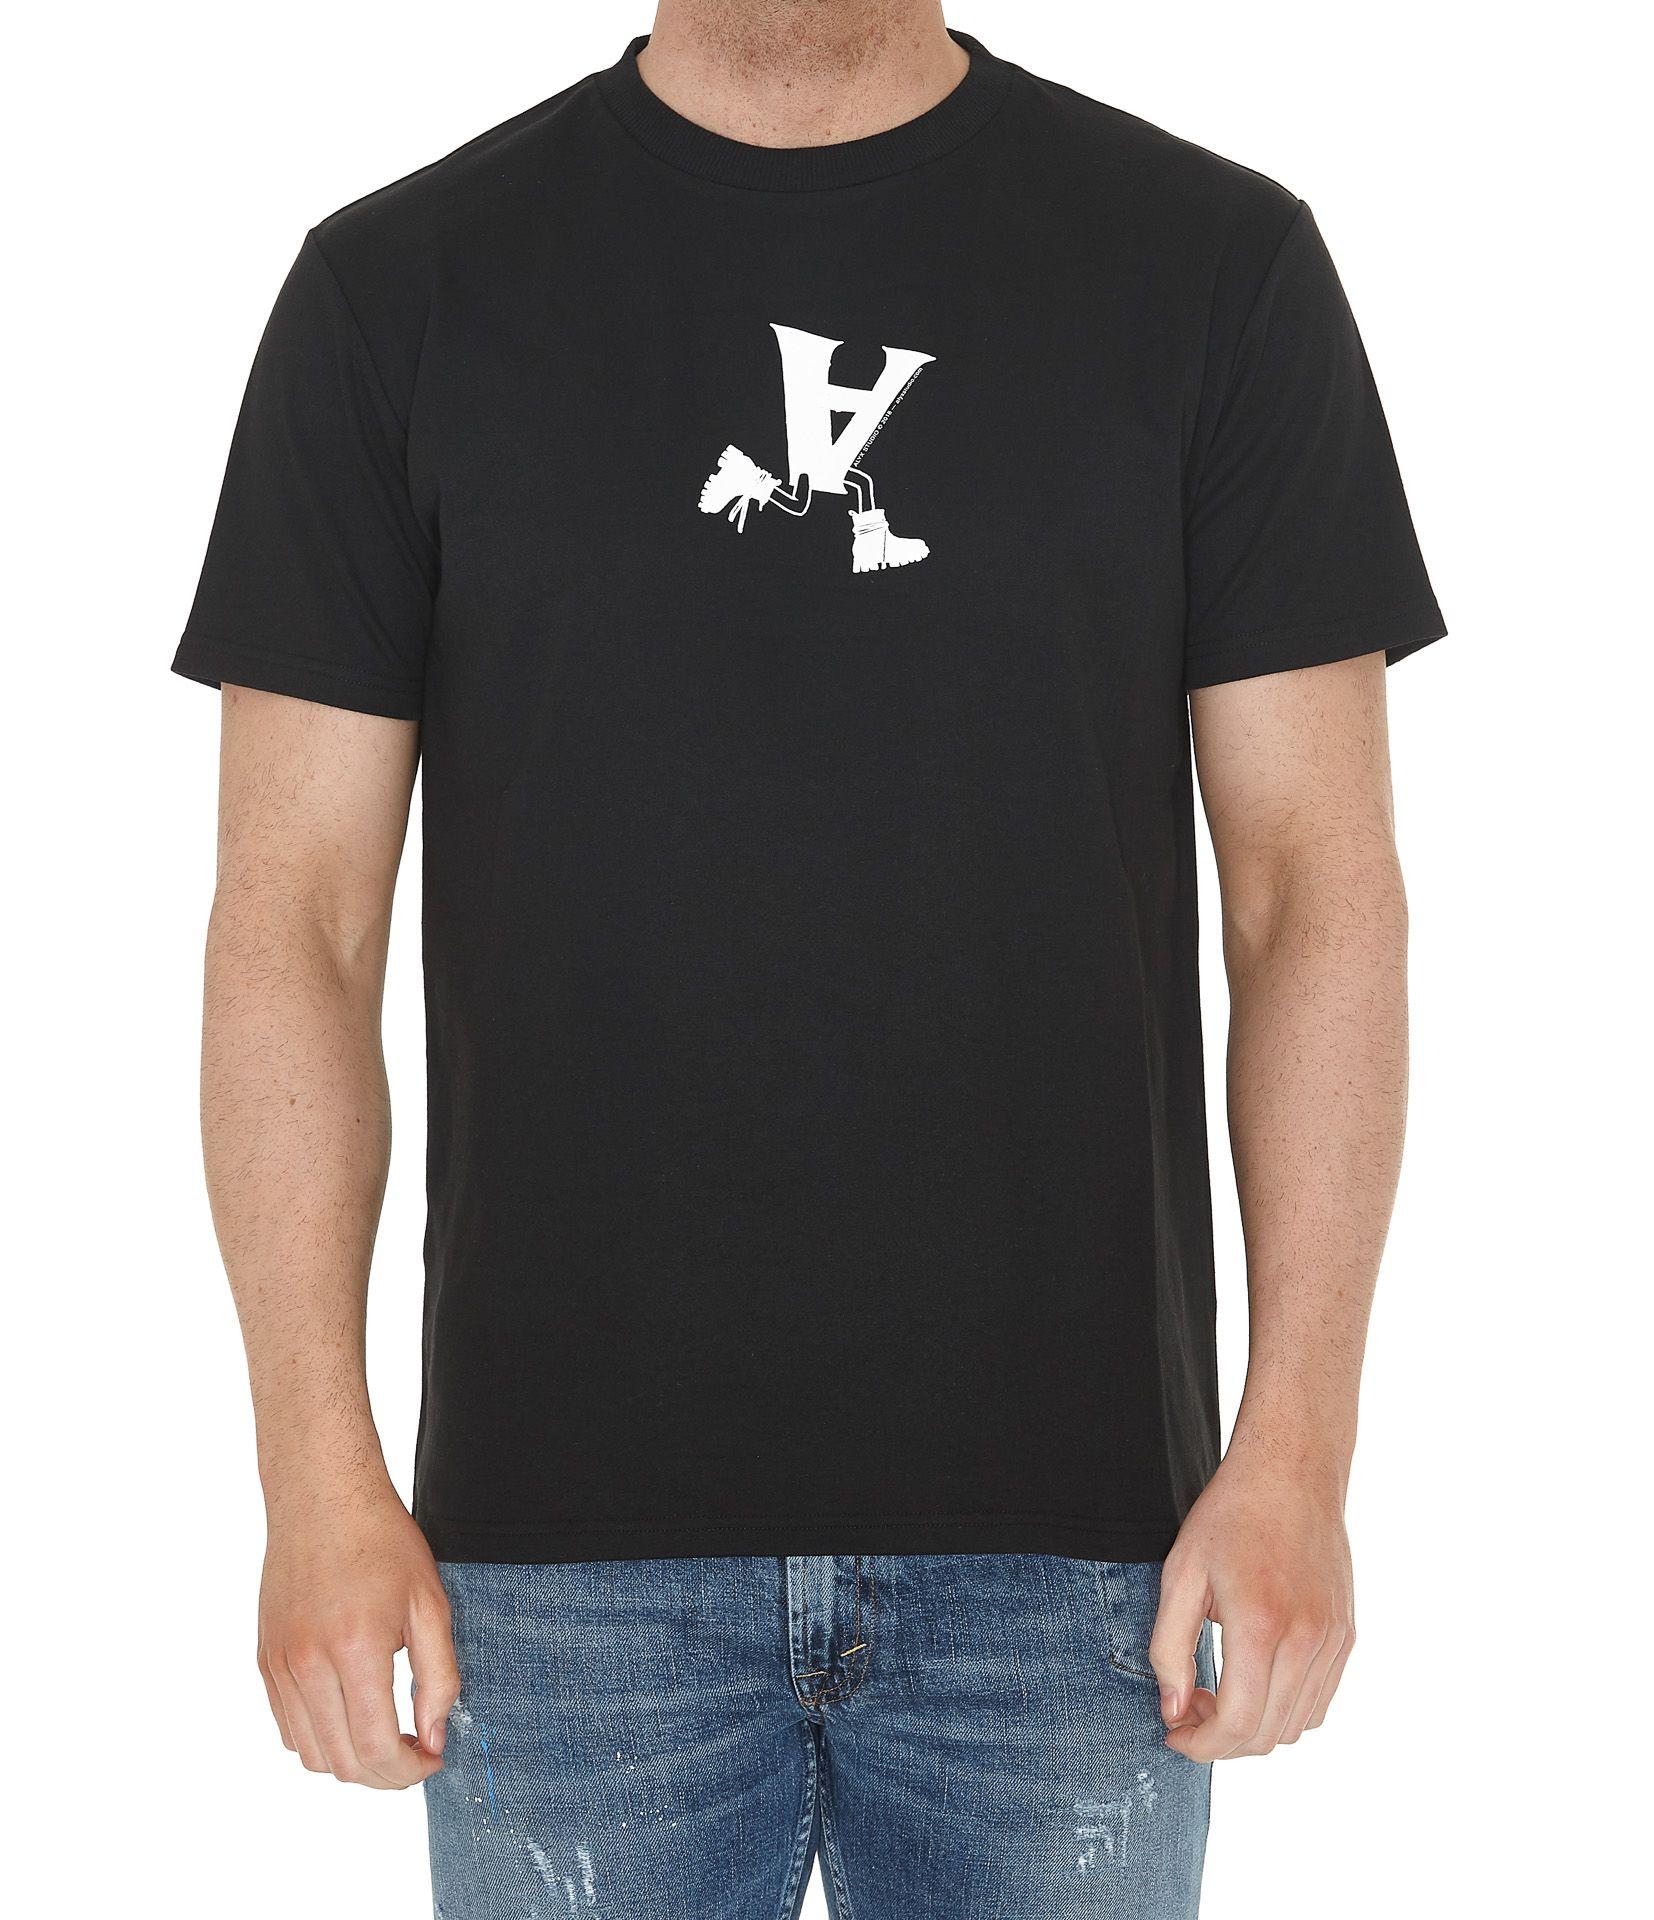 Alyx On The Run Tshirt